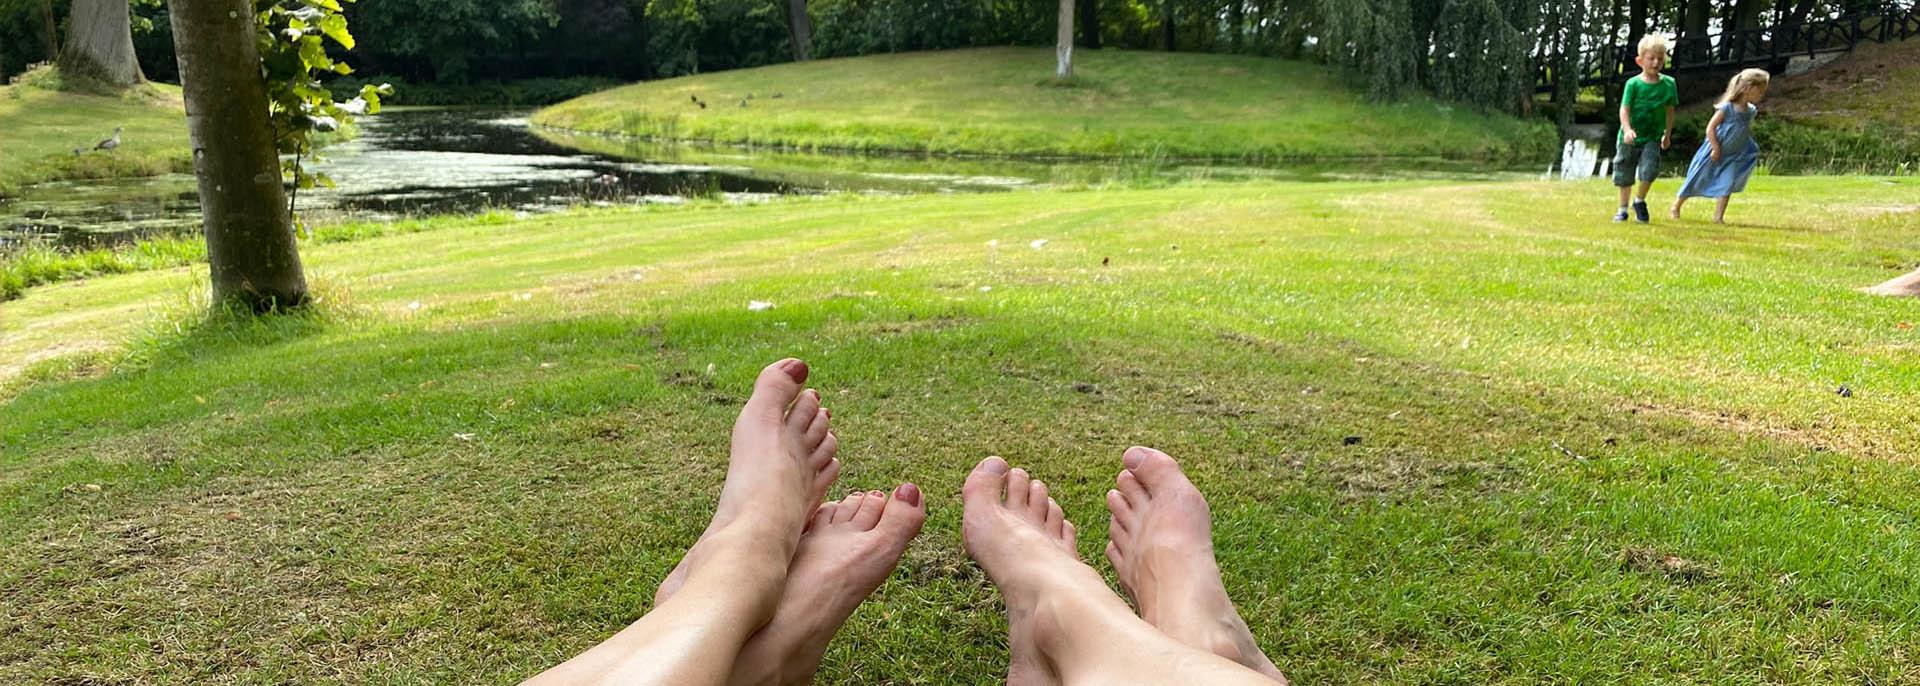 Ontspannende voetreflexmassage